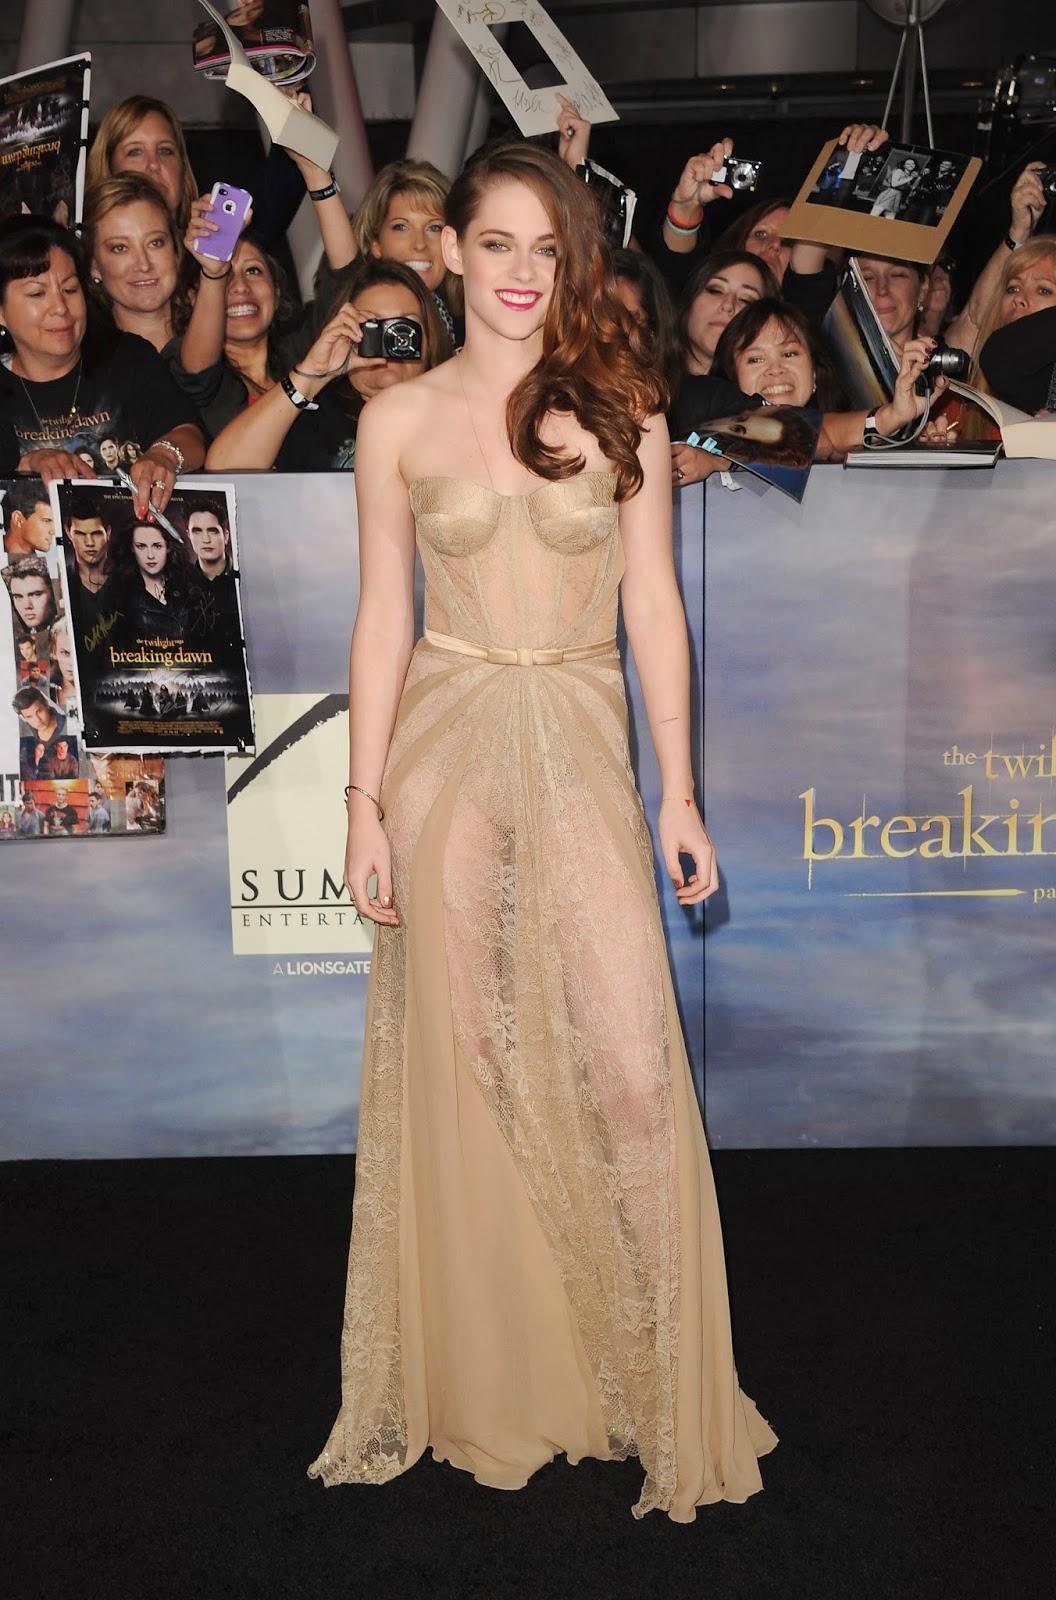 Gaun Transparan Kristen Stewart